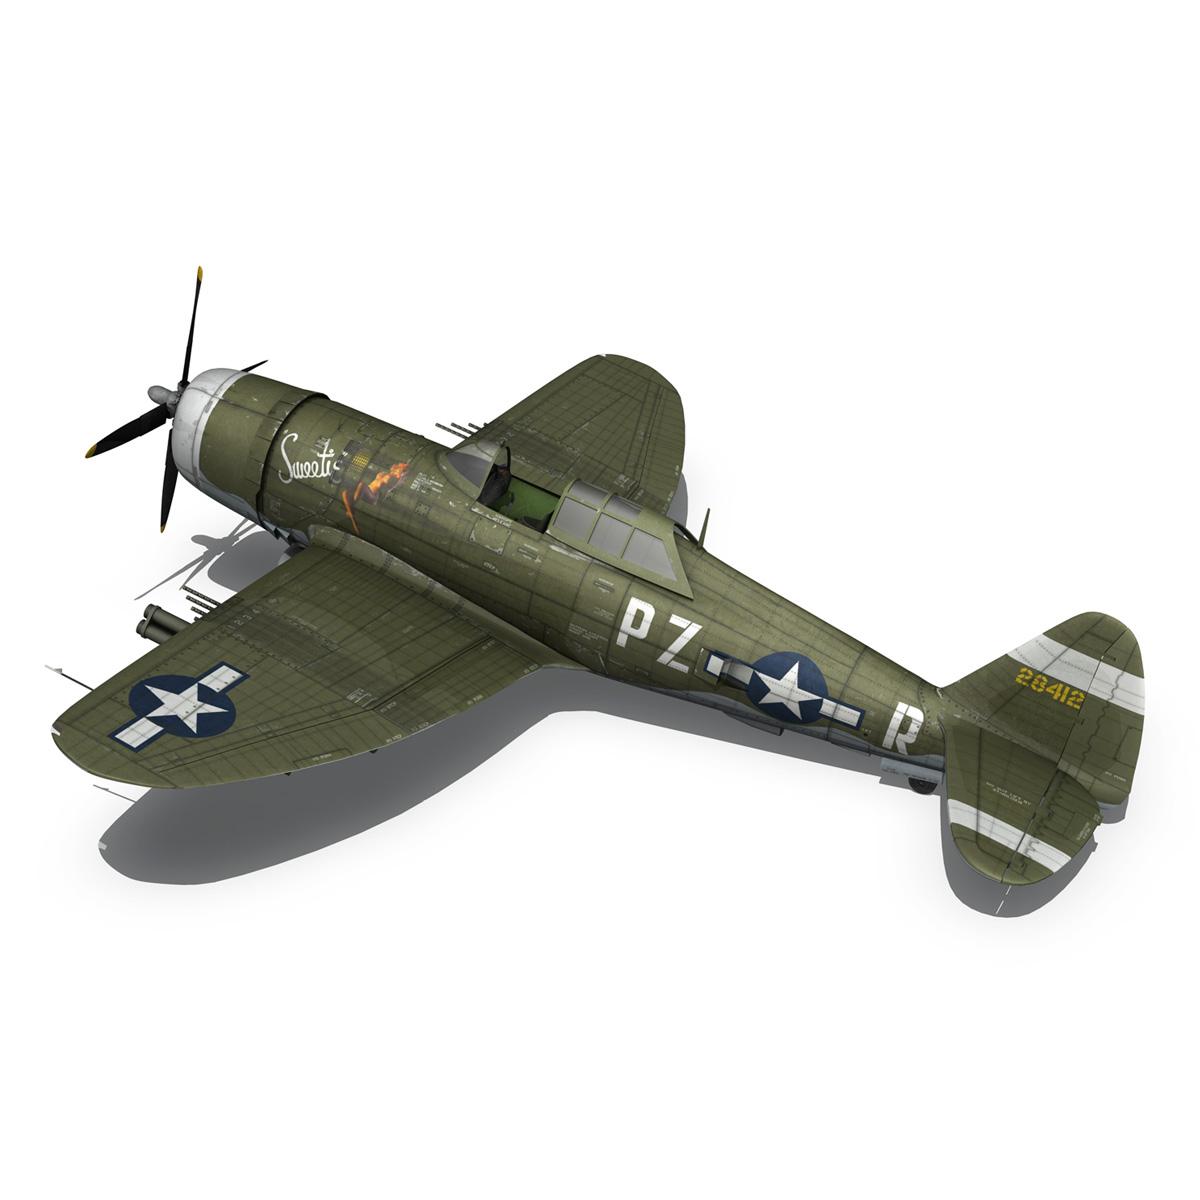 republic p-47d thunderbolt – sweetie – pz-r 3d model 3ds fbx c4d lwo obj 281843